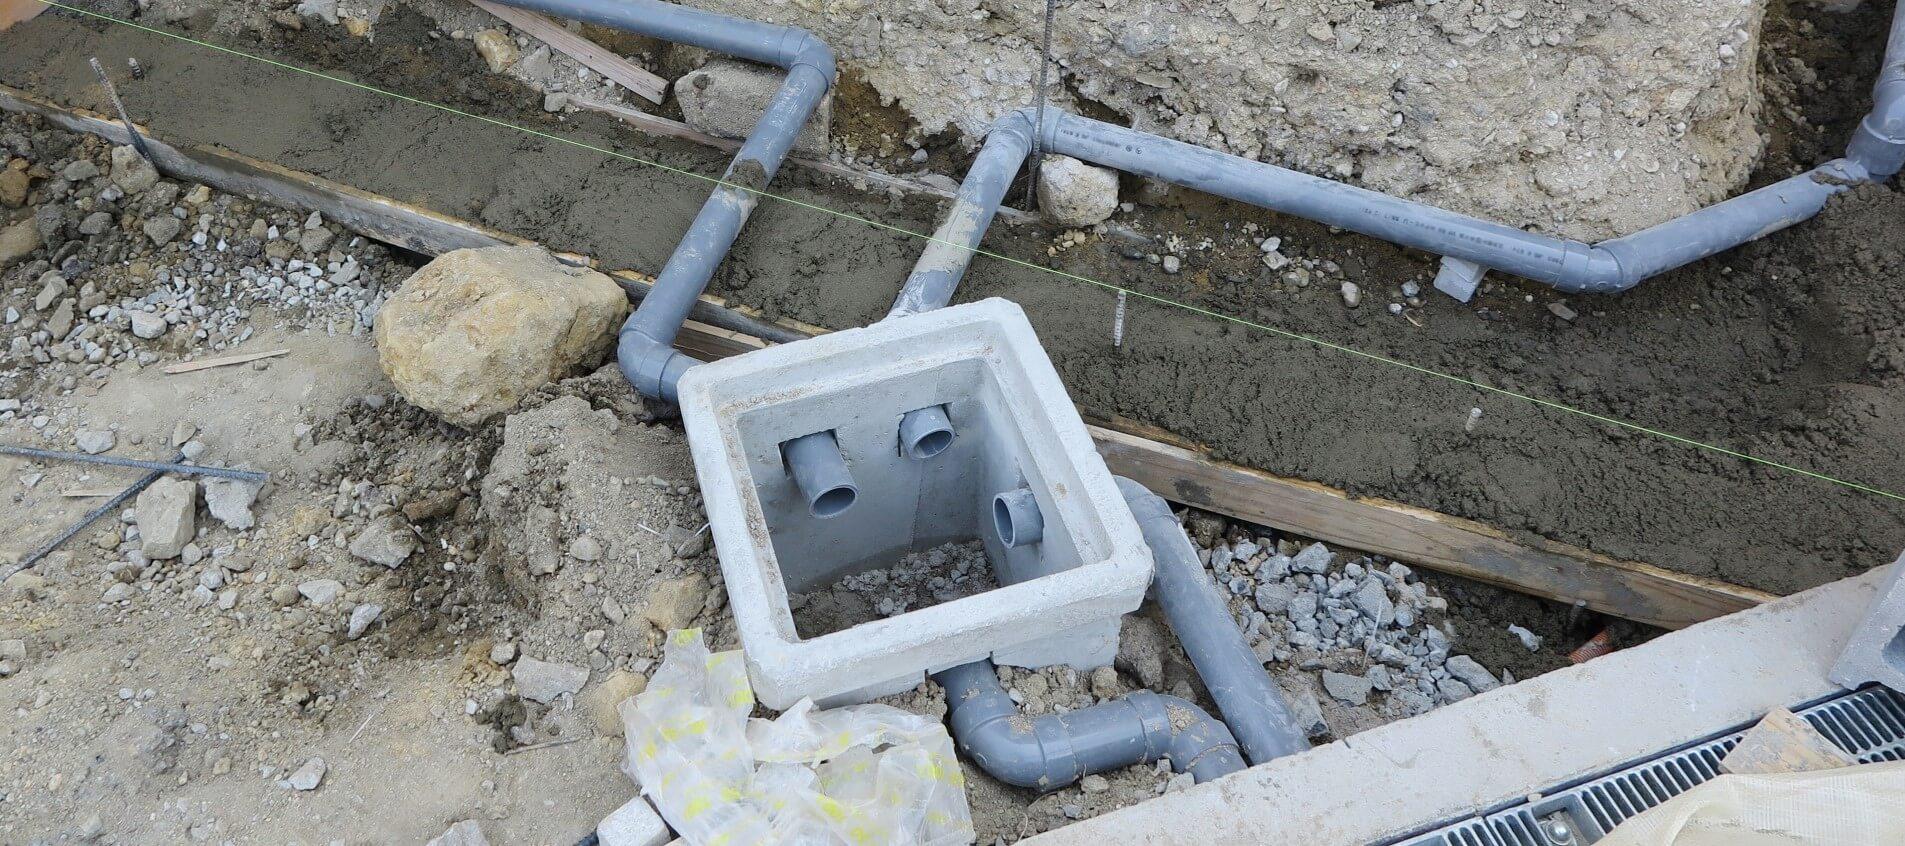 屋外排水・水栓柱の水漏れ、つまりなど水まわりのトラブルはザットマンにお任せください